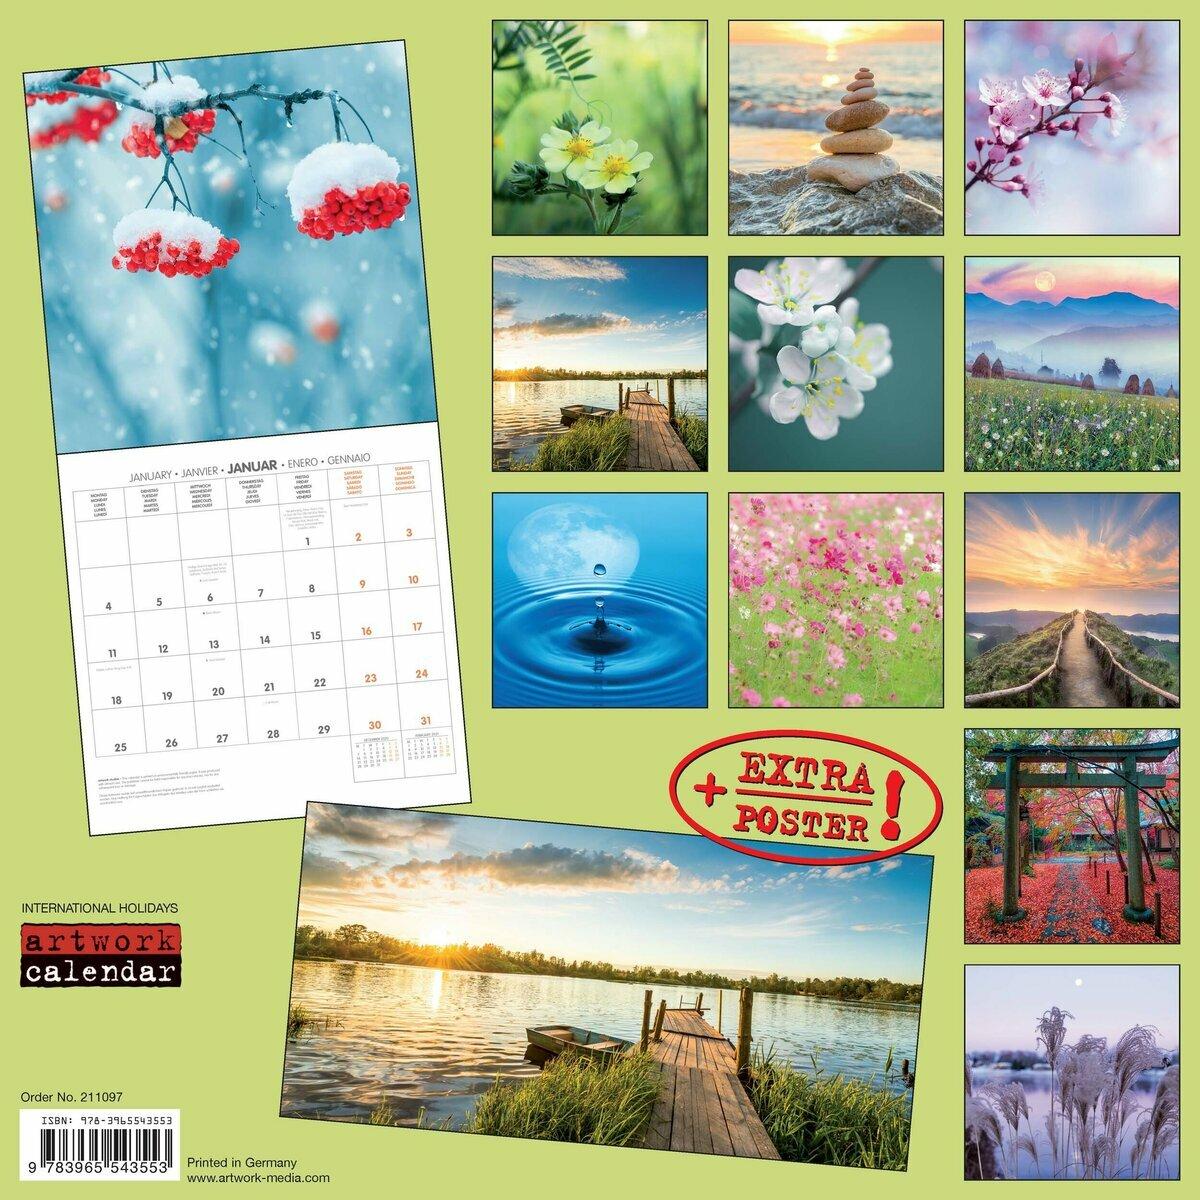 Calendrier 2021 Nature Calendrier 2021 Nature avec poster offert